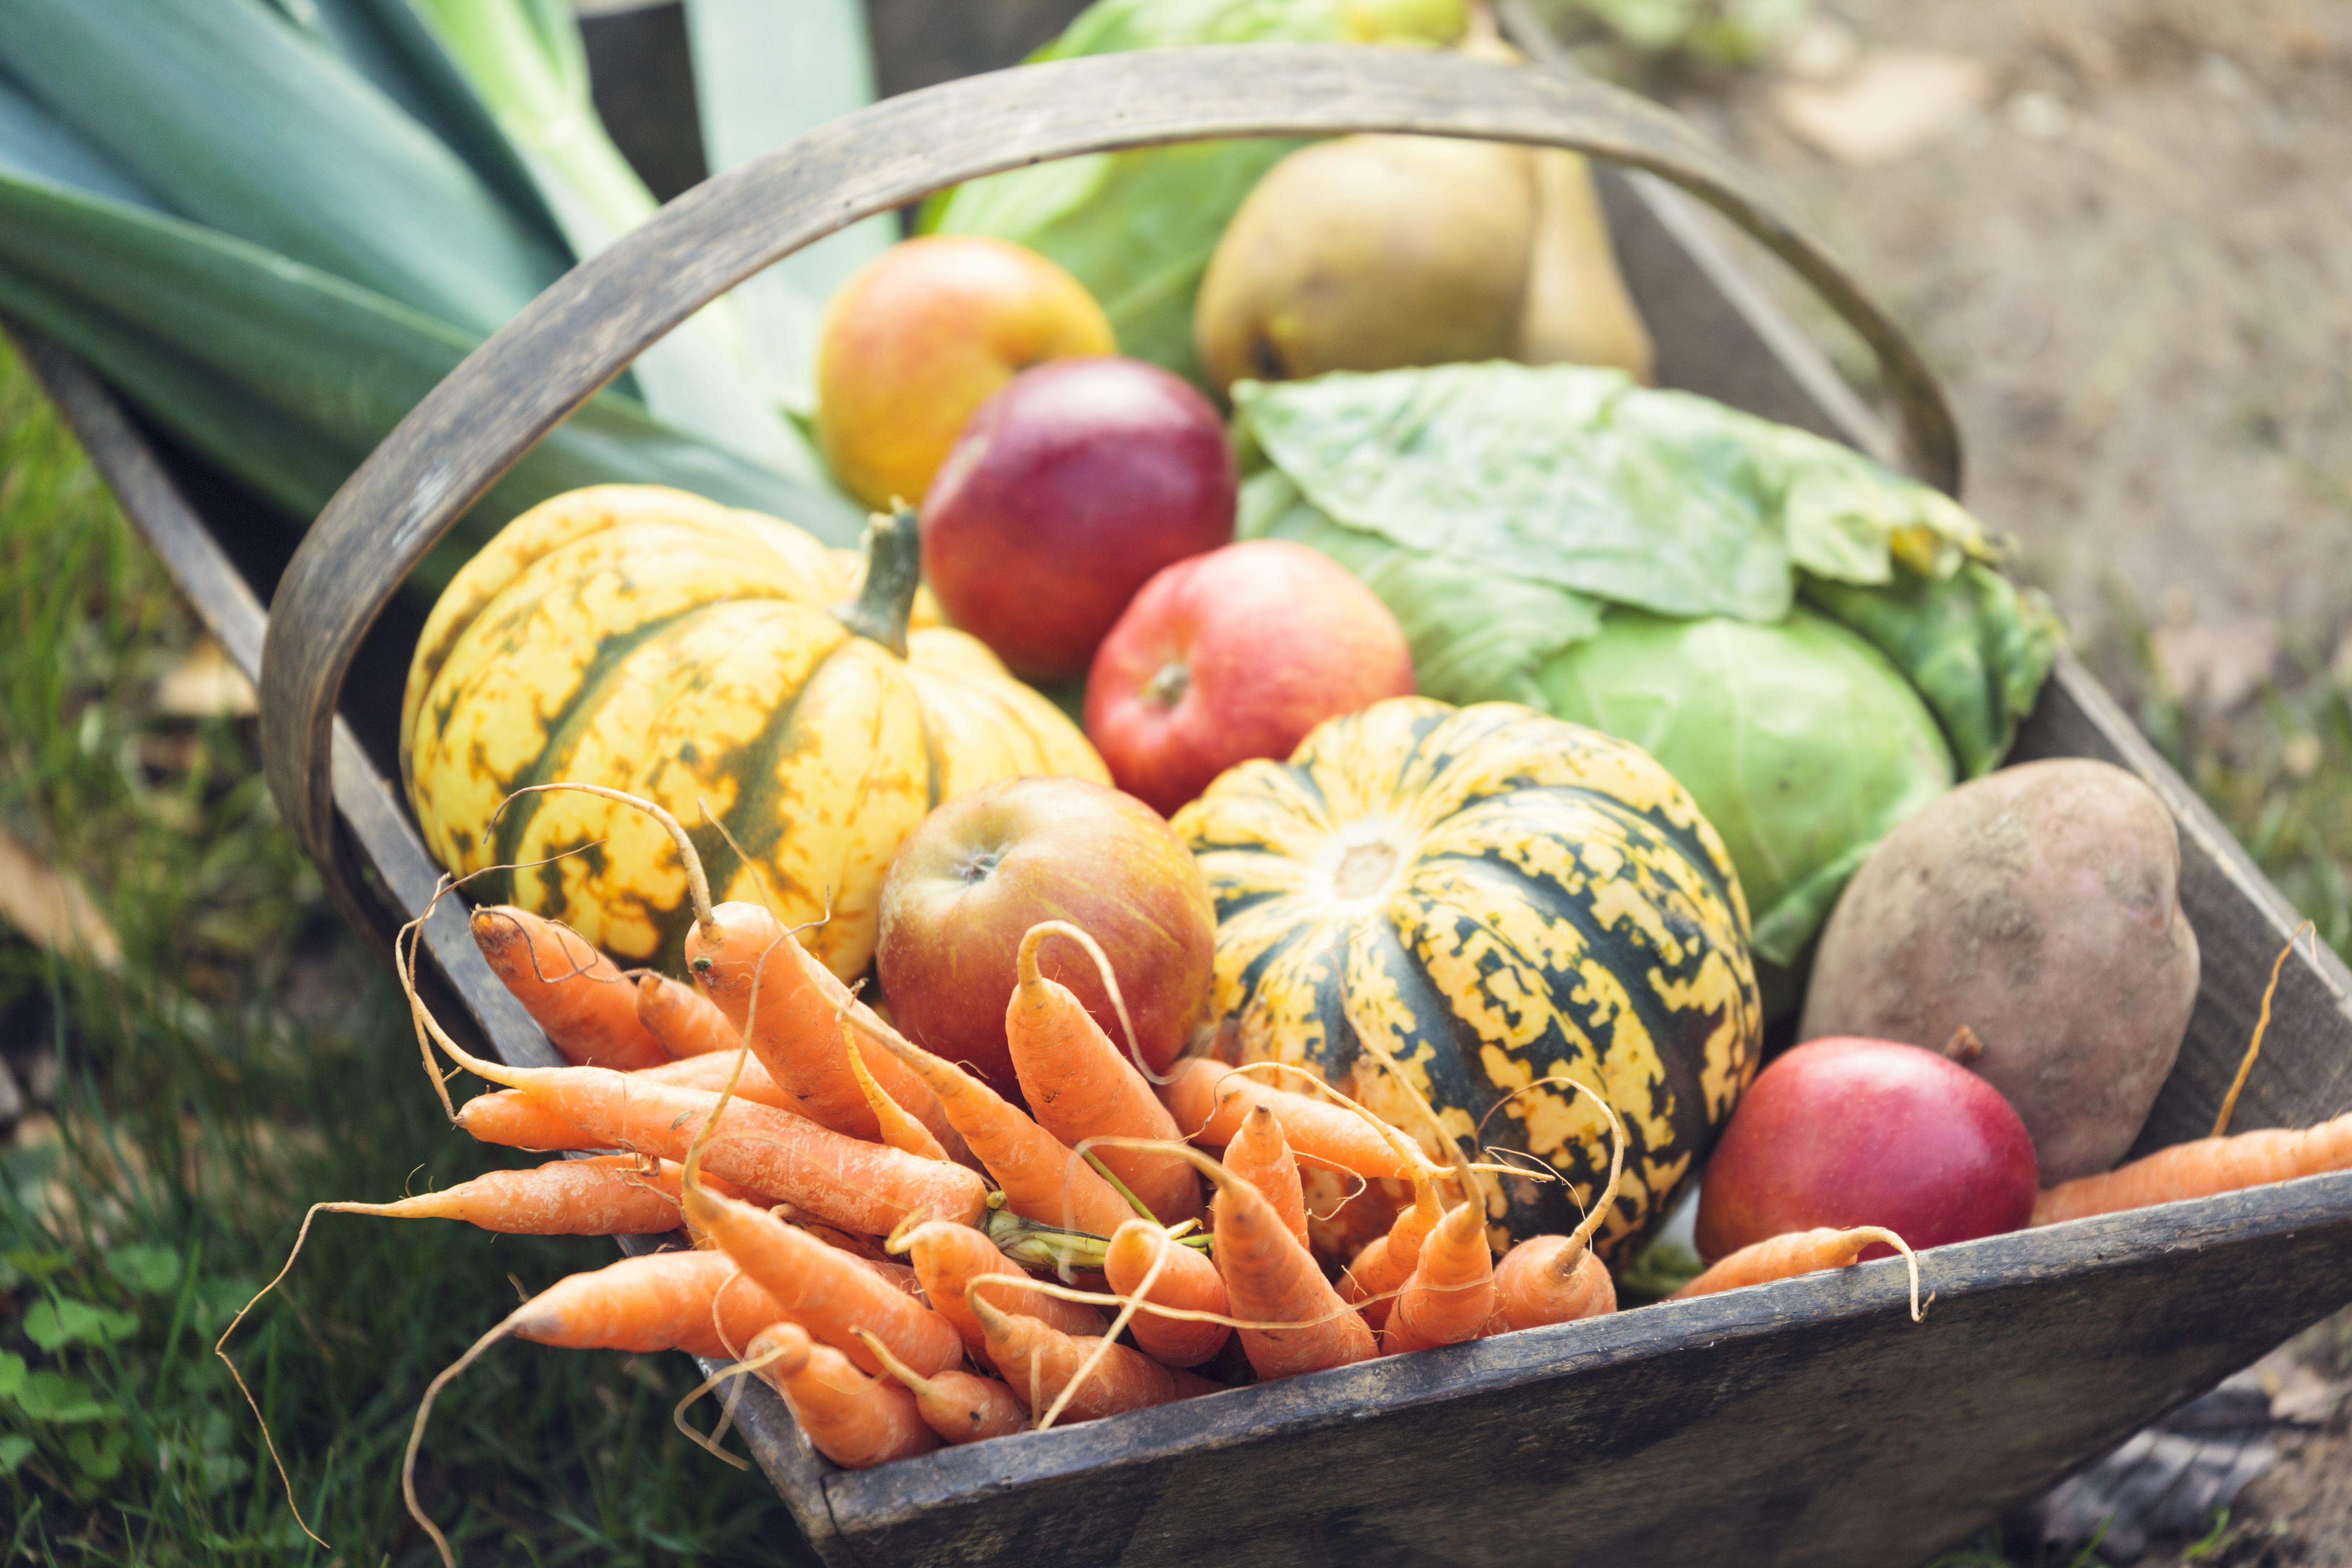 Wooden basket full of fresh vegetables